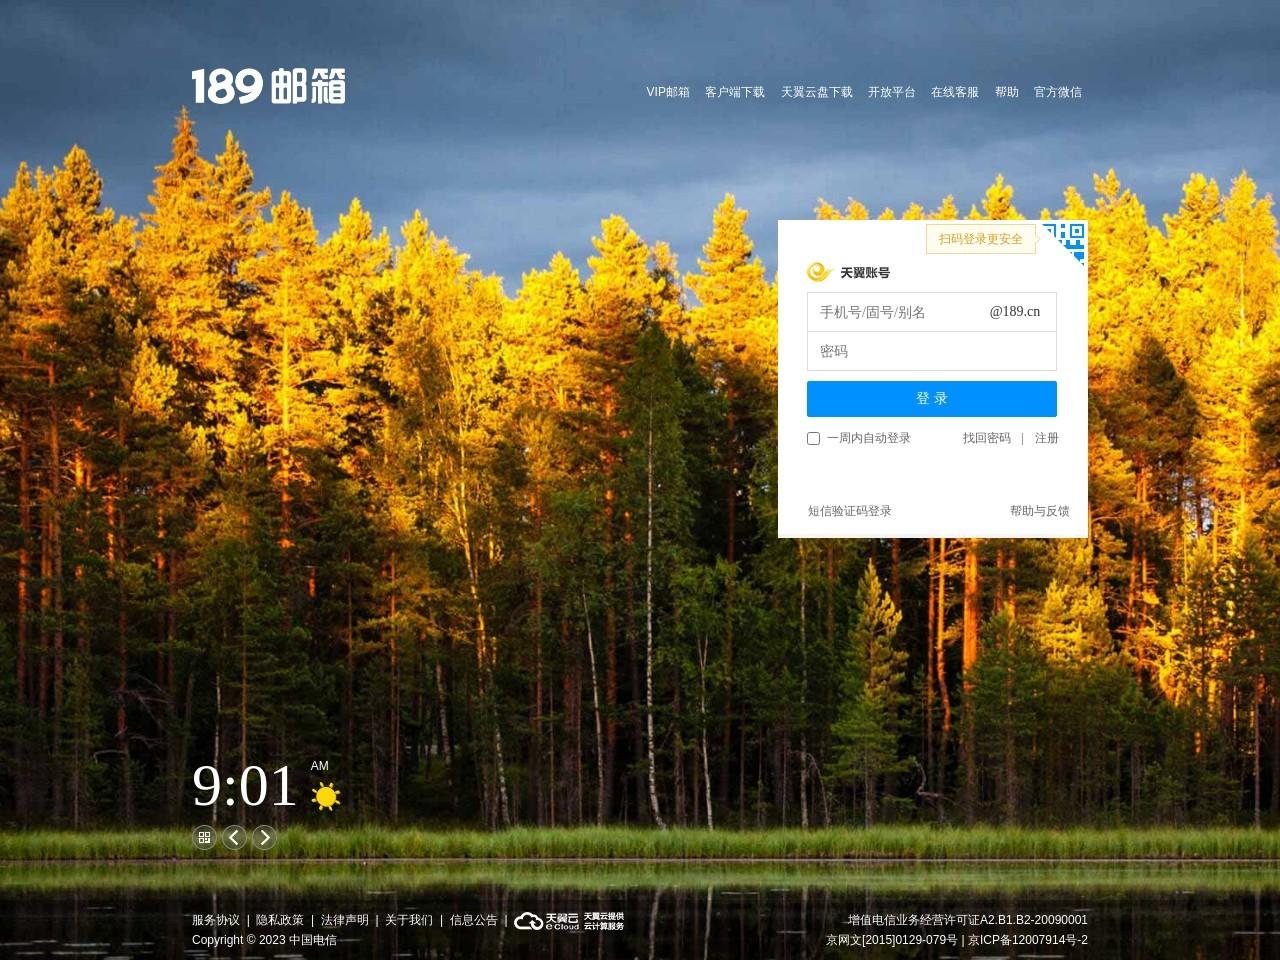 中国电信-189邮箱